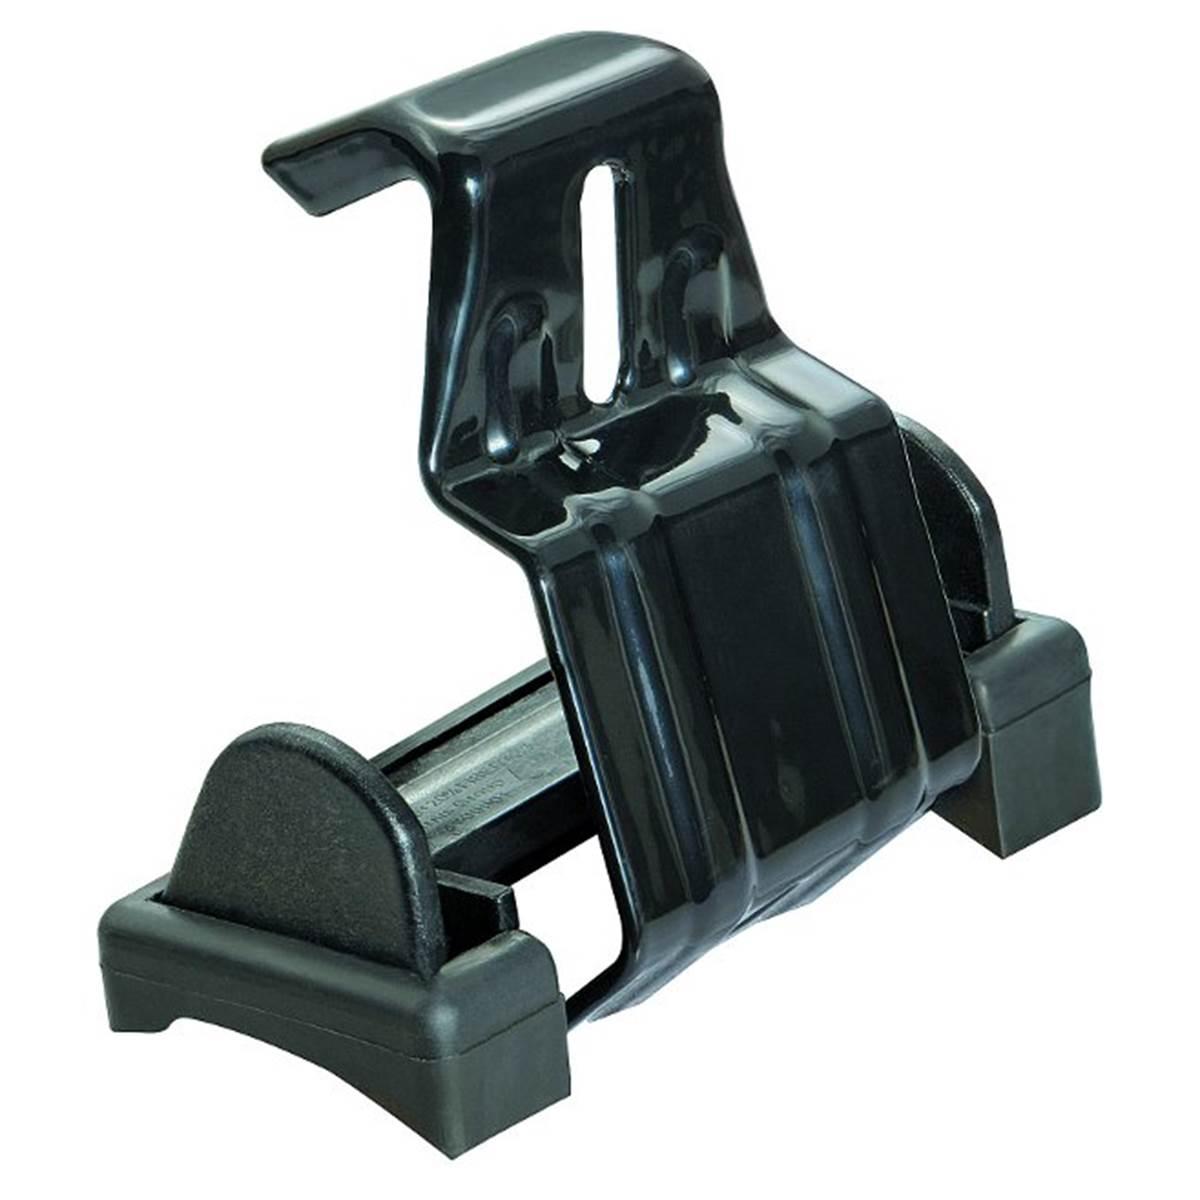 4 Fixations K222 Feu Vert - Portage en kit